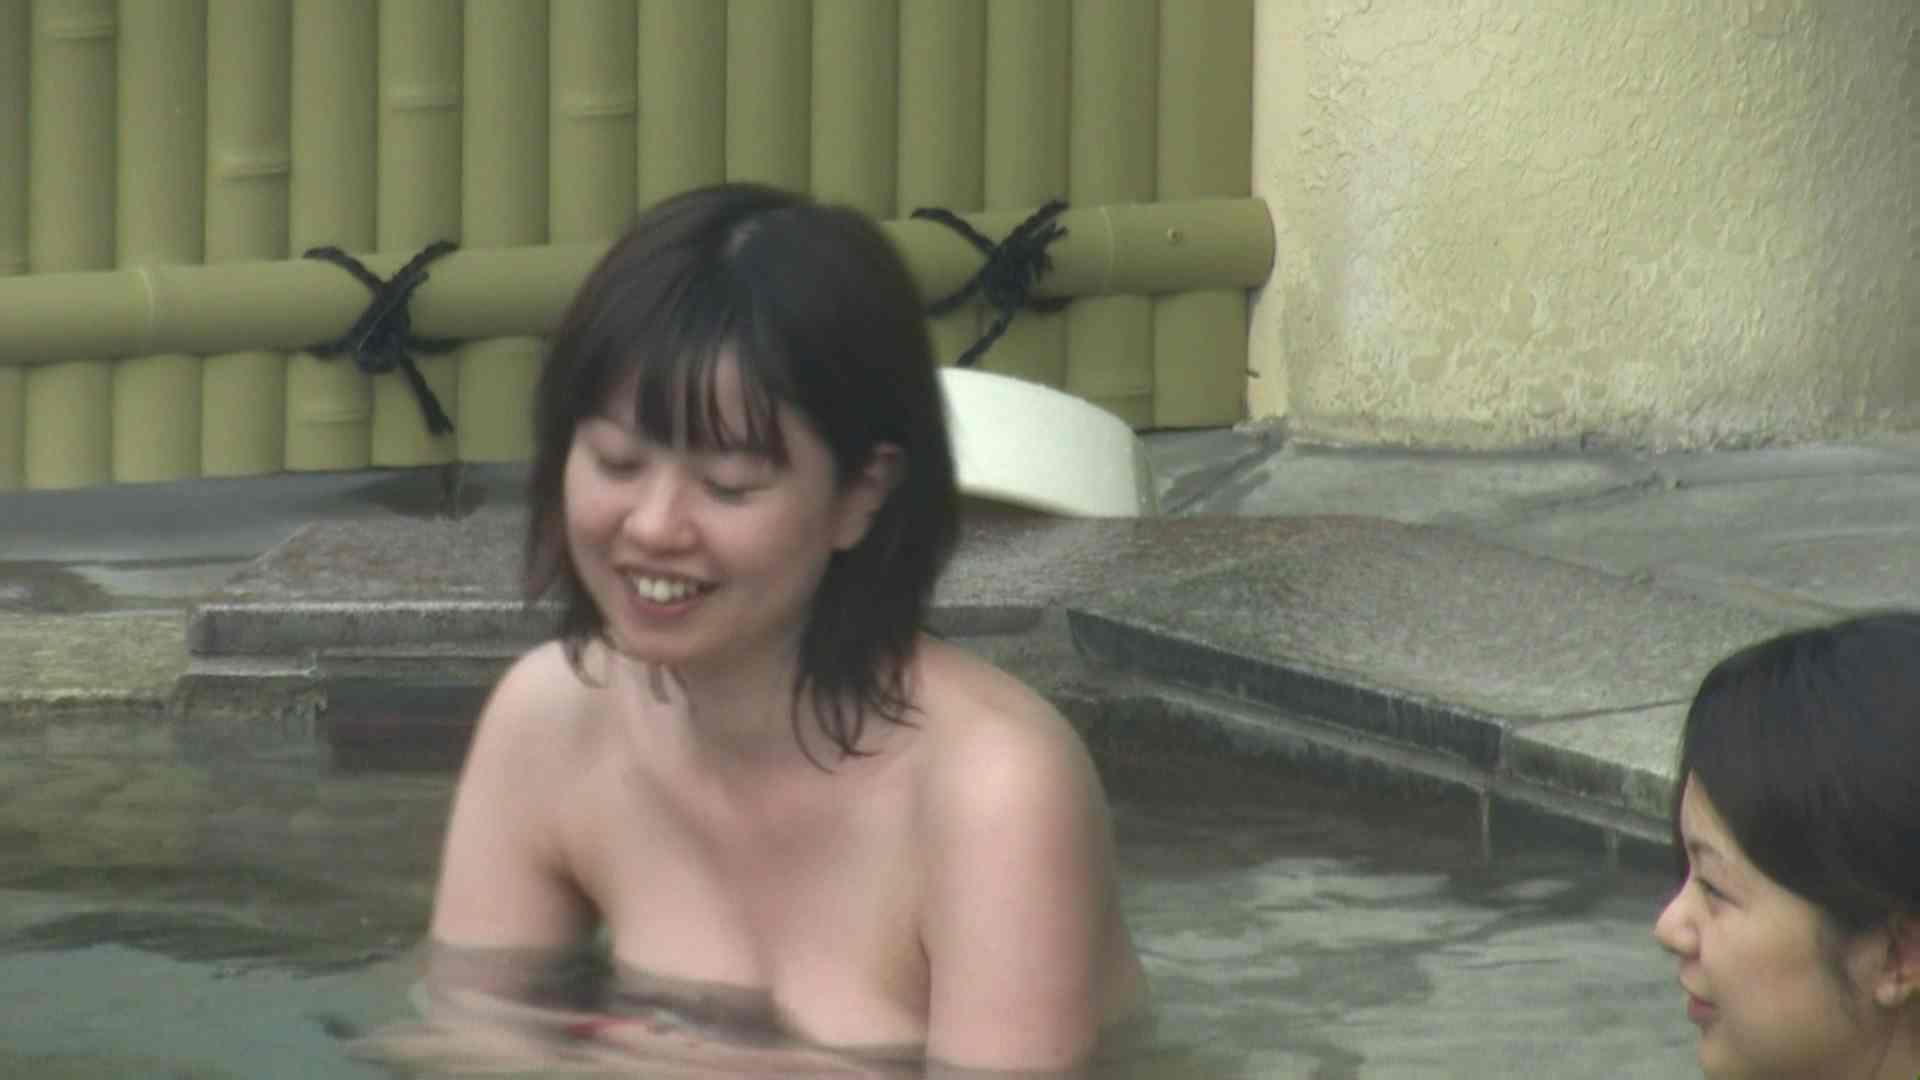 高画質露天女風呂観察 vol.030 乙女のエロ動画 えろ無修正画像 113PIX 52